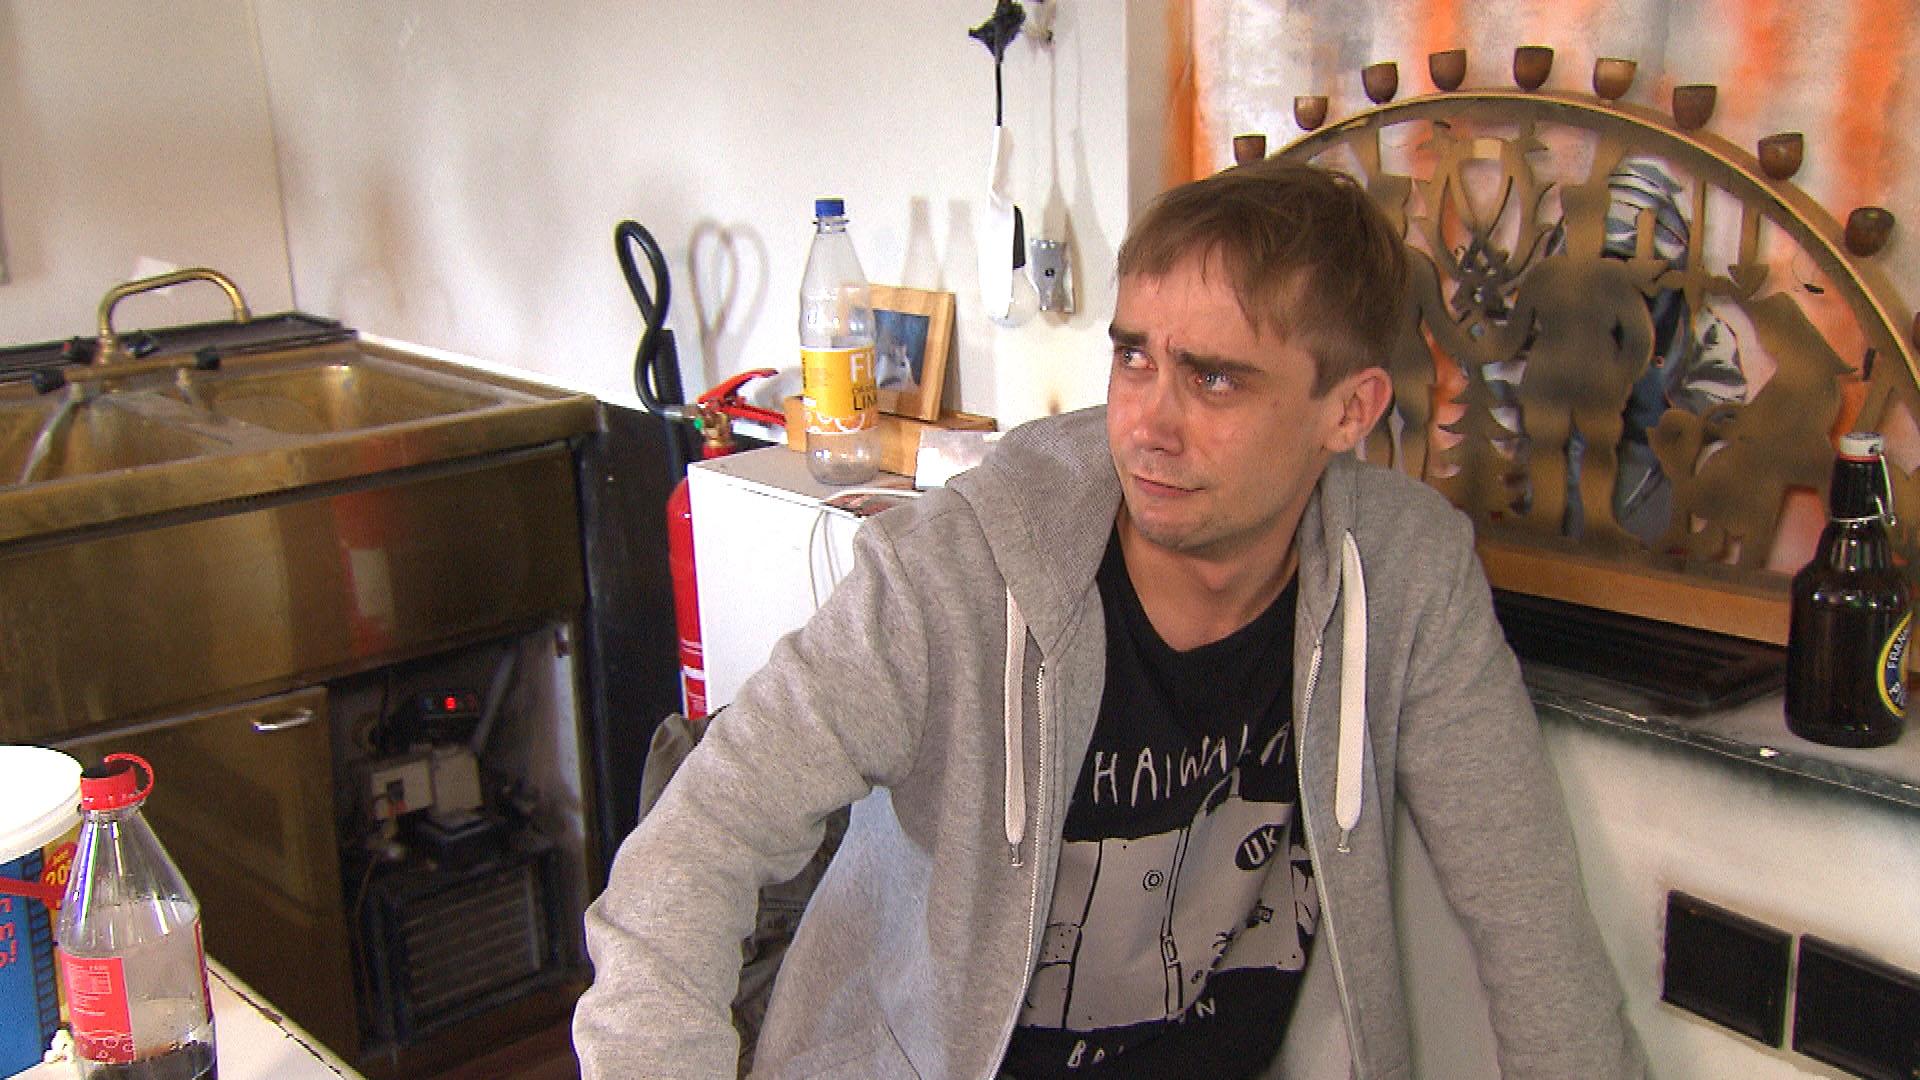 Schmidti (Bild) ist schockiert, als Elifs Vater und Fatih ihn dazu drängen, sich vor der Hochzeit beschneiden zu lassen. (Quelle: RTL 2)